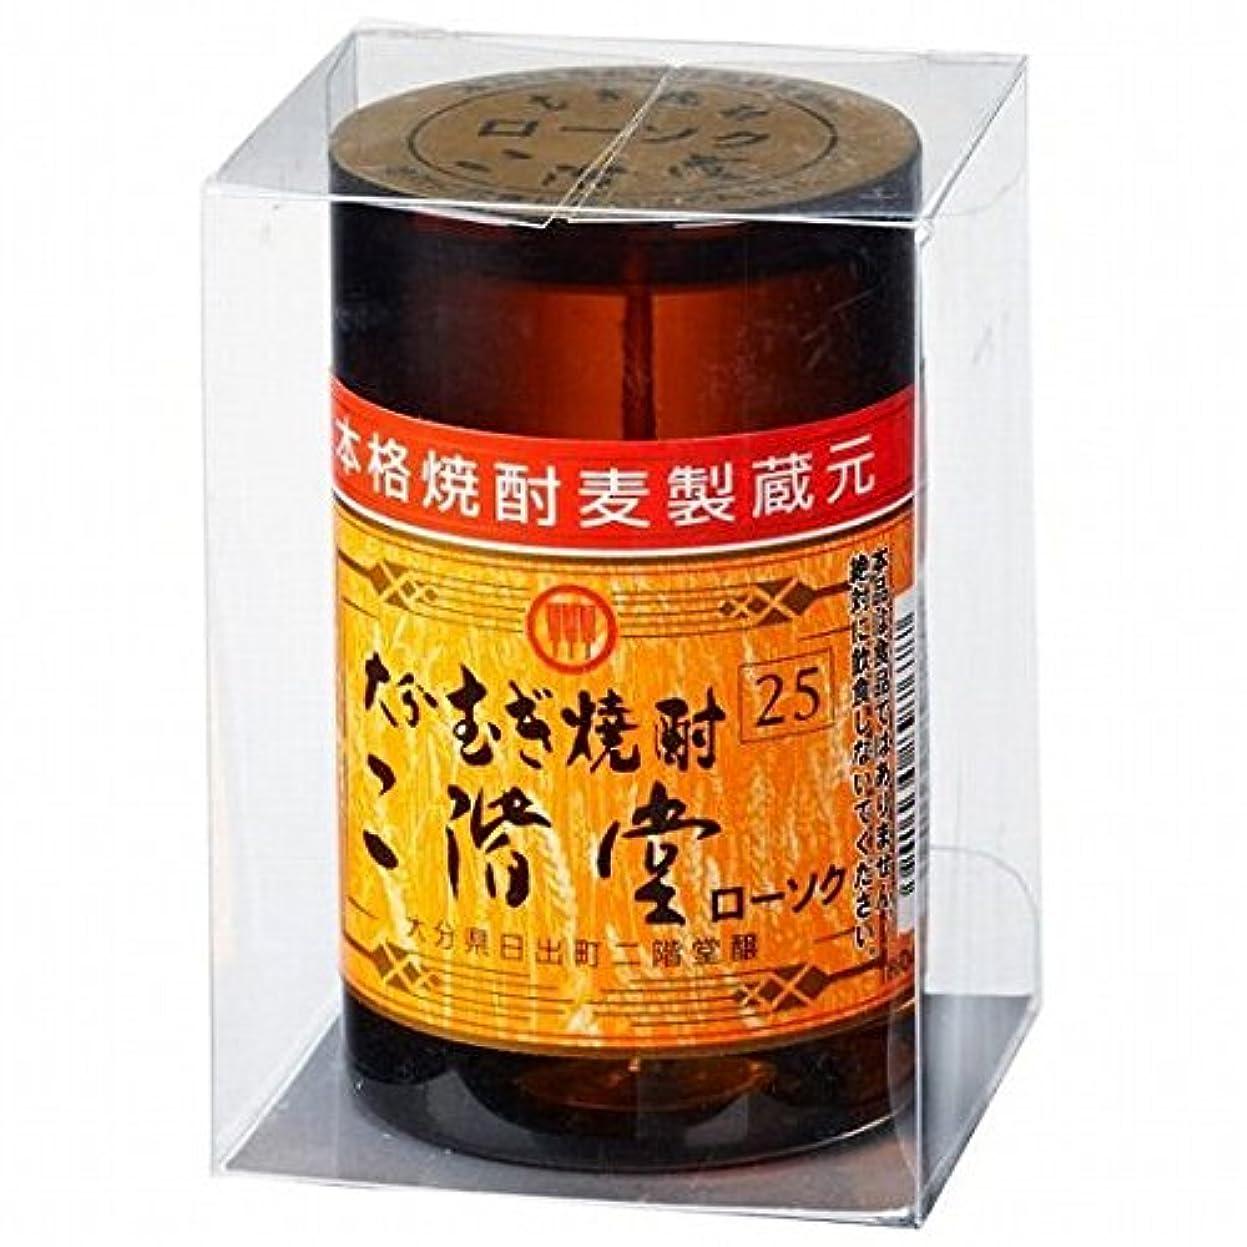 蒸発するできない計器kameyama candle(カメヤマキャンドル) 大分むぎ焼酎 二階堂ローソク キャンドル(86040000)